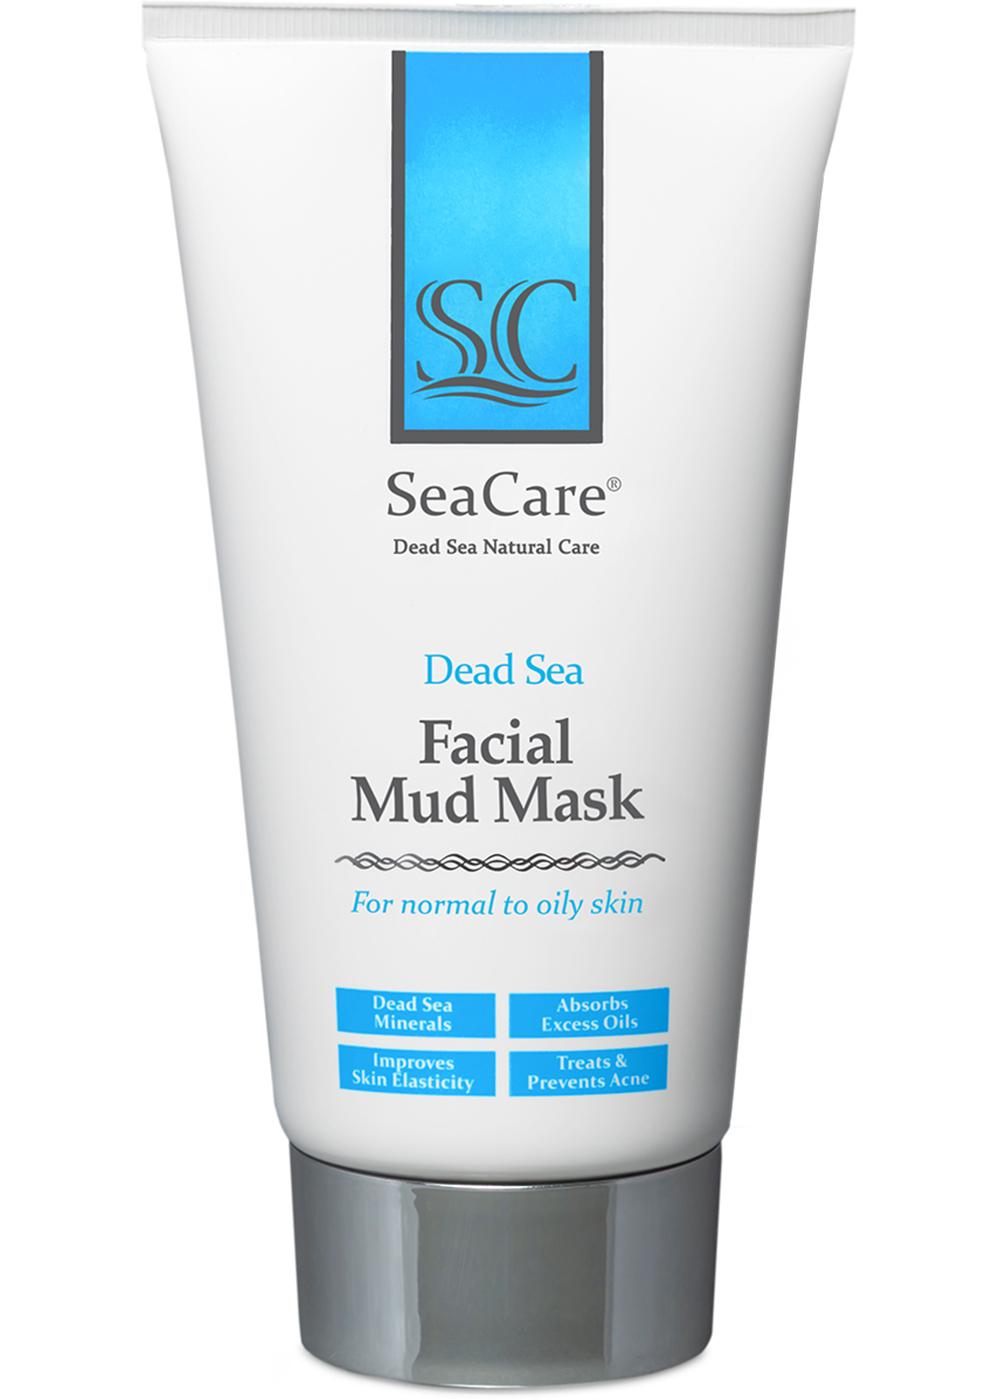 Маска косметическая SeaCare Омолаживающая грязевая маска для лица с минералами Мертвого Моря и растительными экстрактами, 150 мл1952-26680SeaCare Грязевая Маска для Лица впитывает излишки жиров и другие ненужные вещества, оставляя после себя чистую кожу. Высыхая, маска нежно вытягивает токсины и загрязнения, которые могут способствовать появлению закупоренных пор, приводящих к старению кожи. Маска на основе грязи Мертвого моря обогащает кожу минералами, укрепляет и улучшает эластичность кожи. Создана в соответствии со стандартами Израильской ассоциации производителей косметики. Предназначена для оживления внешнего вида кожи. Маска является отличным решением для избавления от угревой сыпи. Не содержит: Парабены, Силиконы, Минеральные масла, Петролатум, SLS.